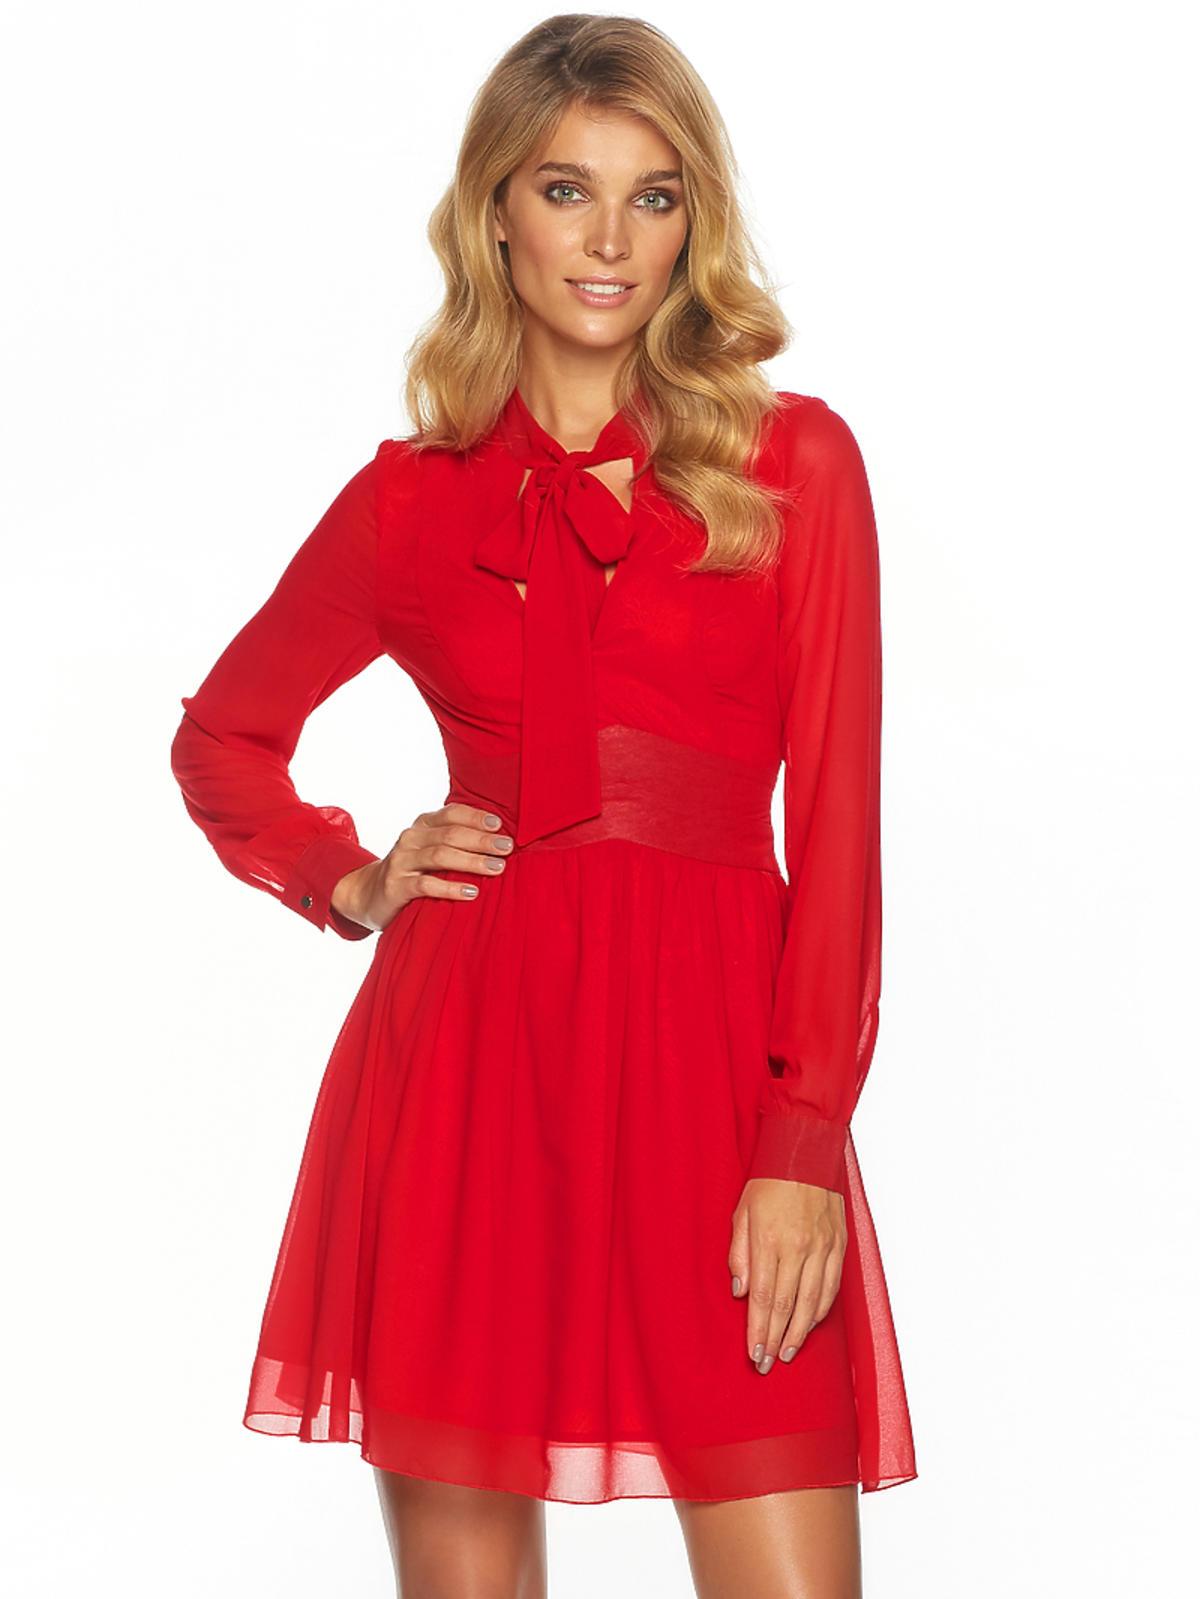 Czerwona sukienka, Sugarfree, przeceniona z 259,00 zł na 175,00 zł